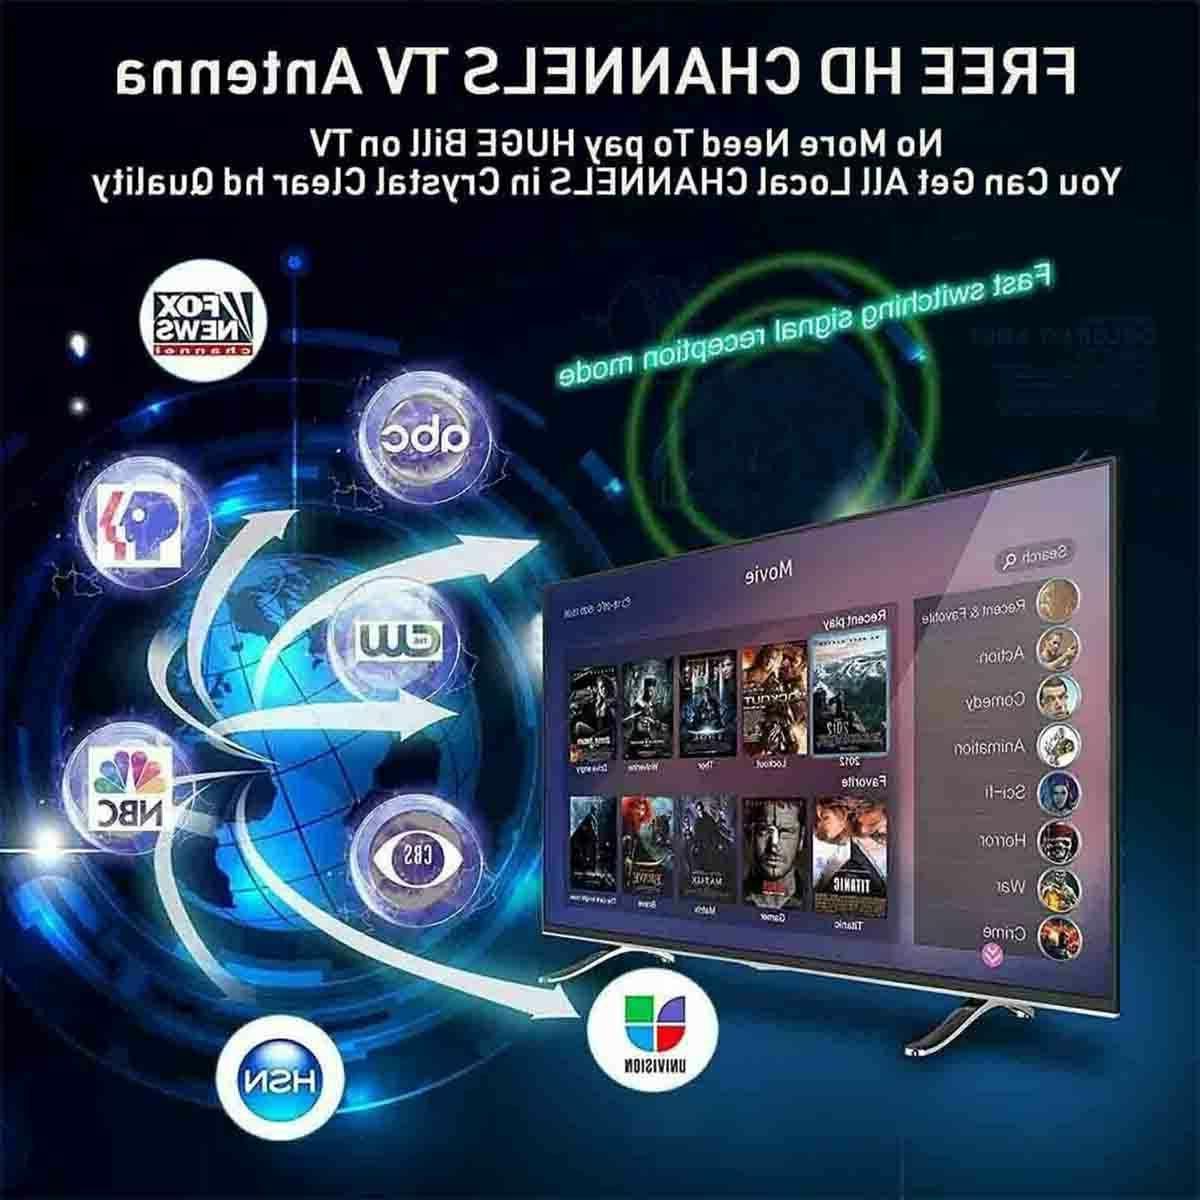 1000 miles TV Antenna Indoor Outdoor HD 4K 1080P